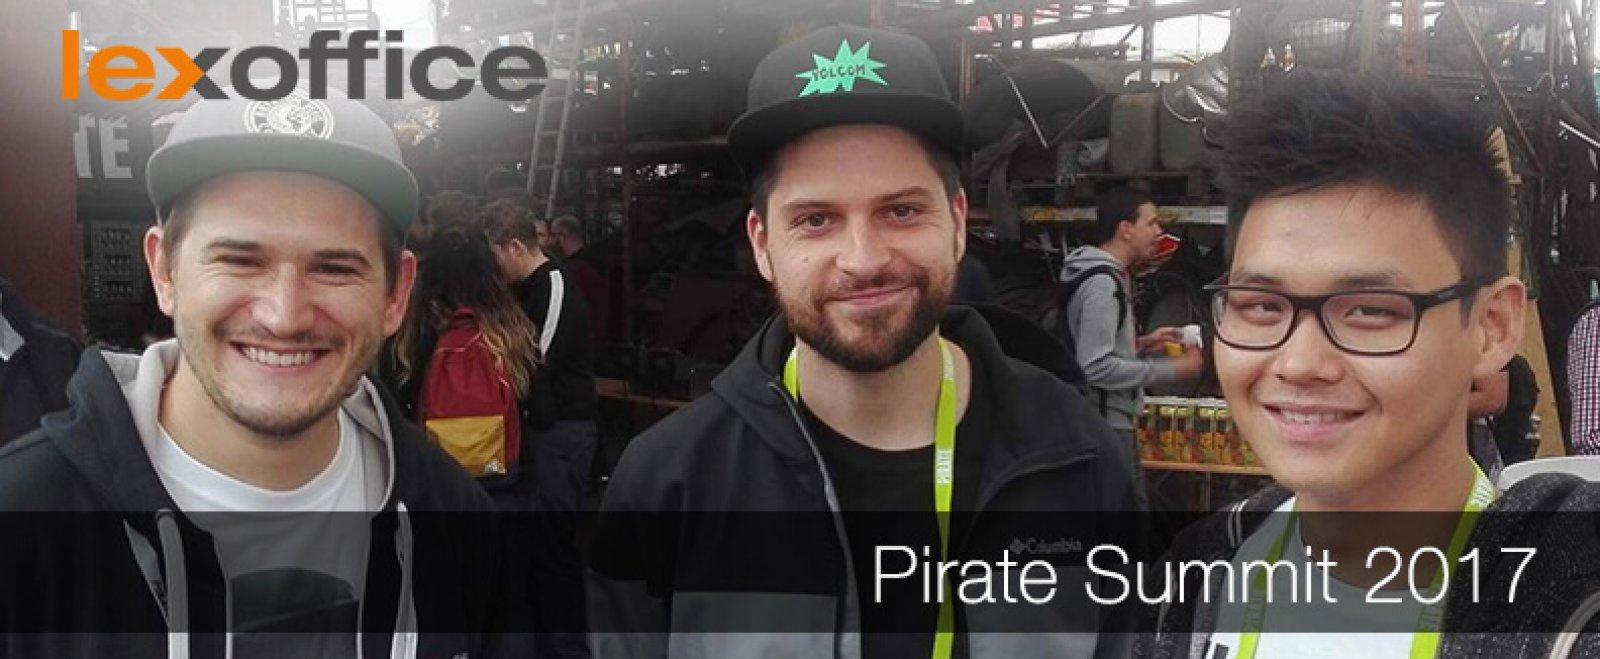 lexoffice und lexRocket auf dem Pirate Summit 2017